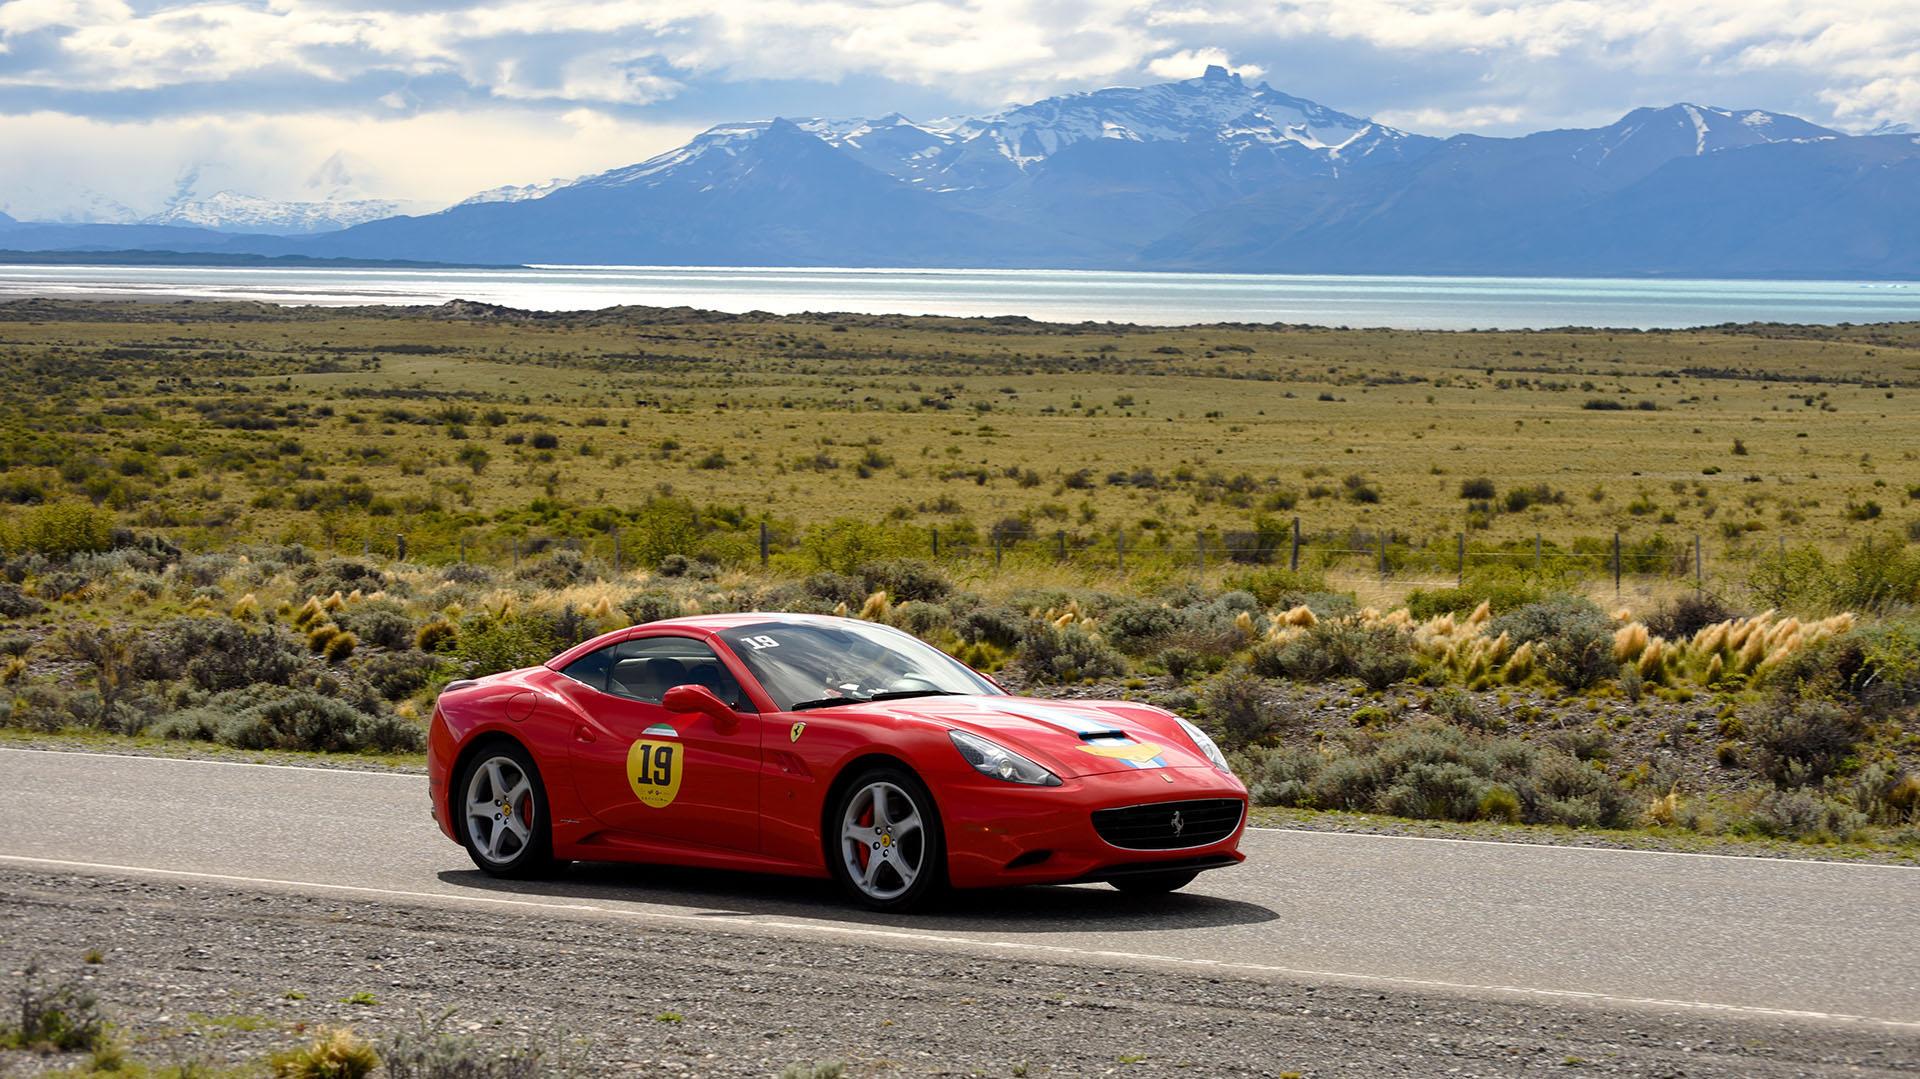 Según explicó Roberto Busel, presidente del Ferrari Club Chile, el evento volverá el año próximo con más participantes, nuevos destinos y nuevas campañas solidarias